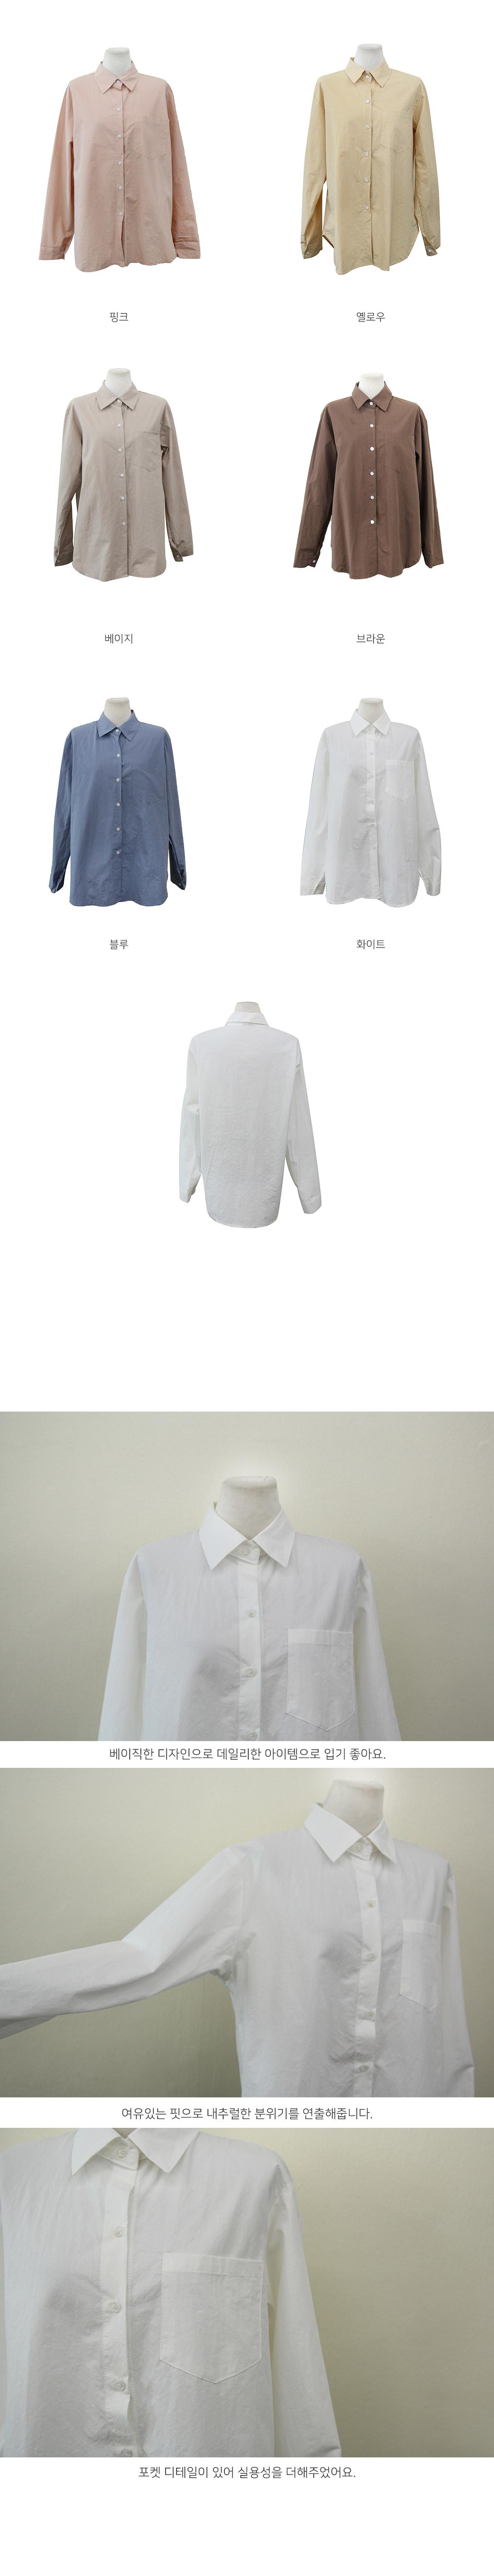 Vanine shirt